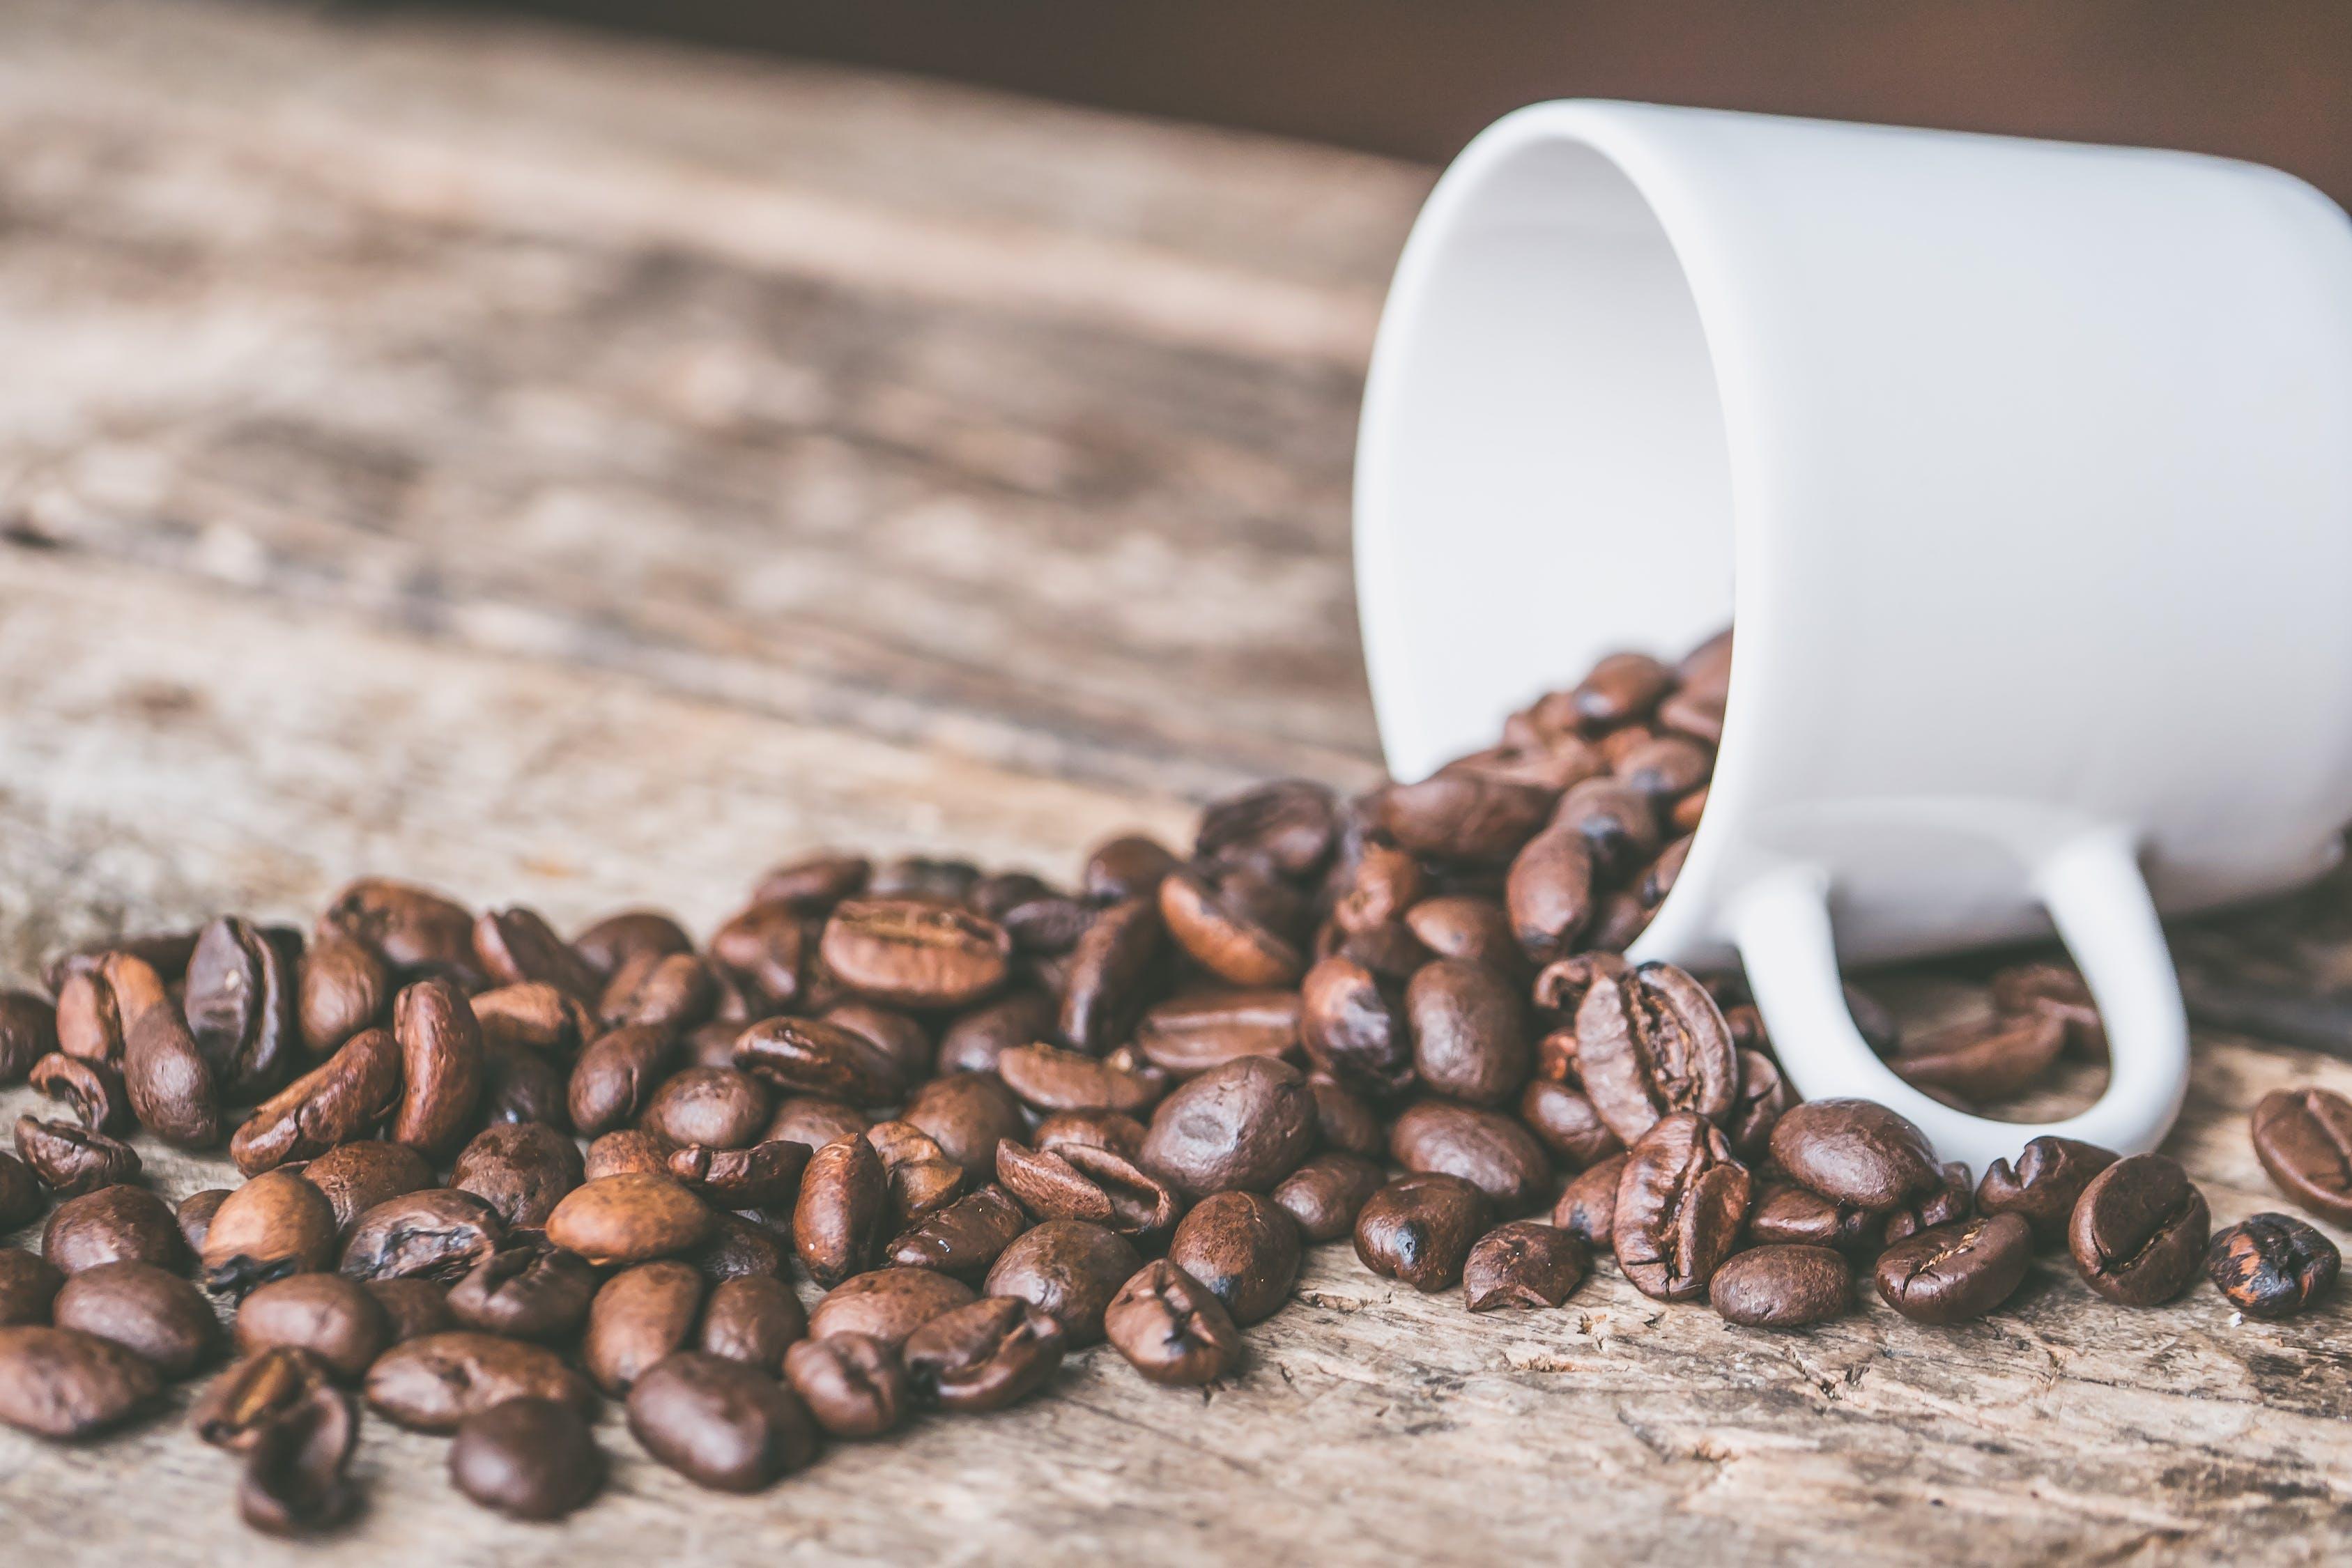 咖啡, 咖啡因, 咖啡豆 的 免費圖庫相片